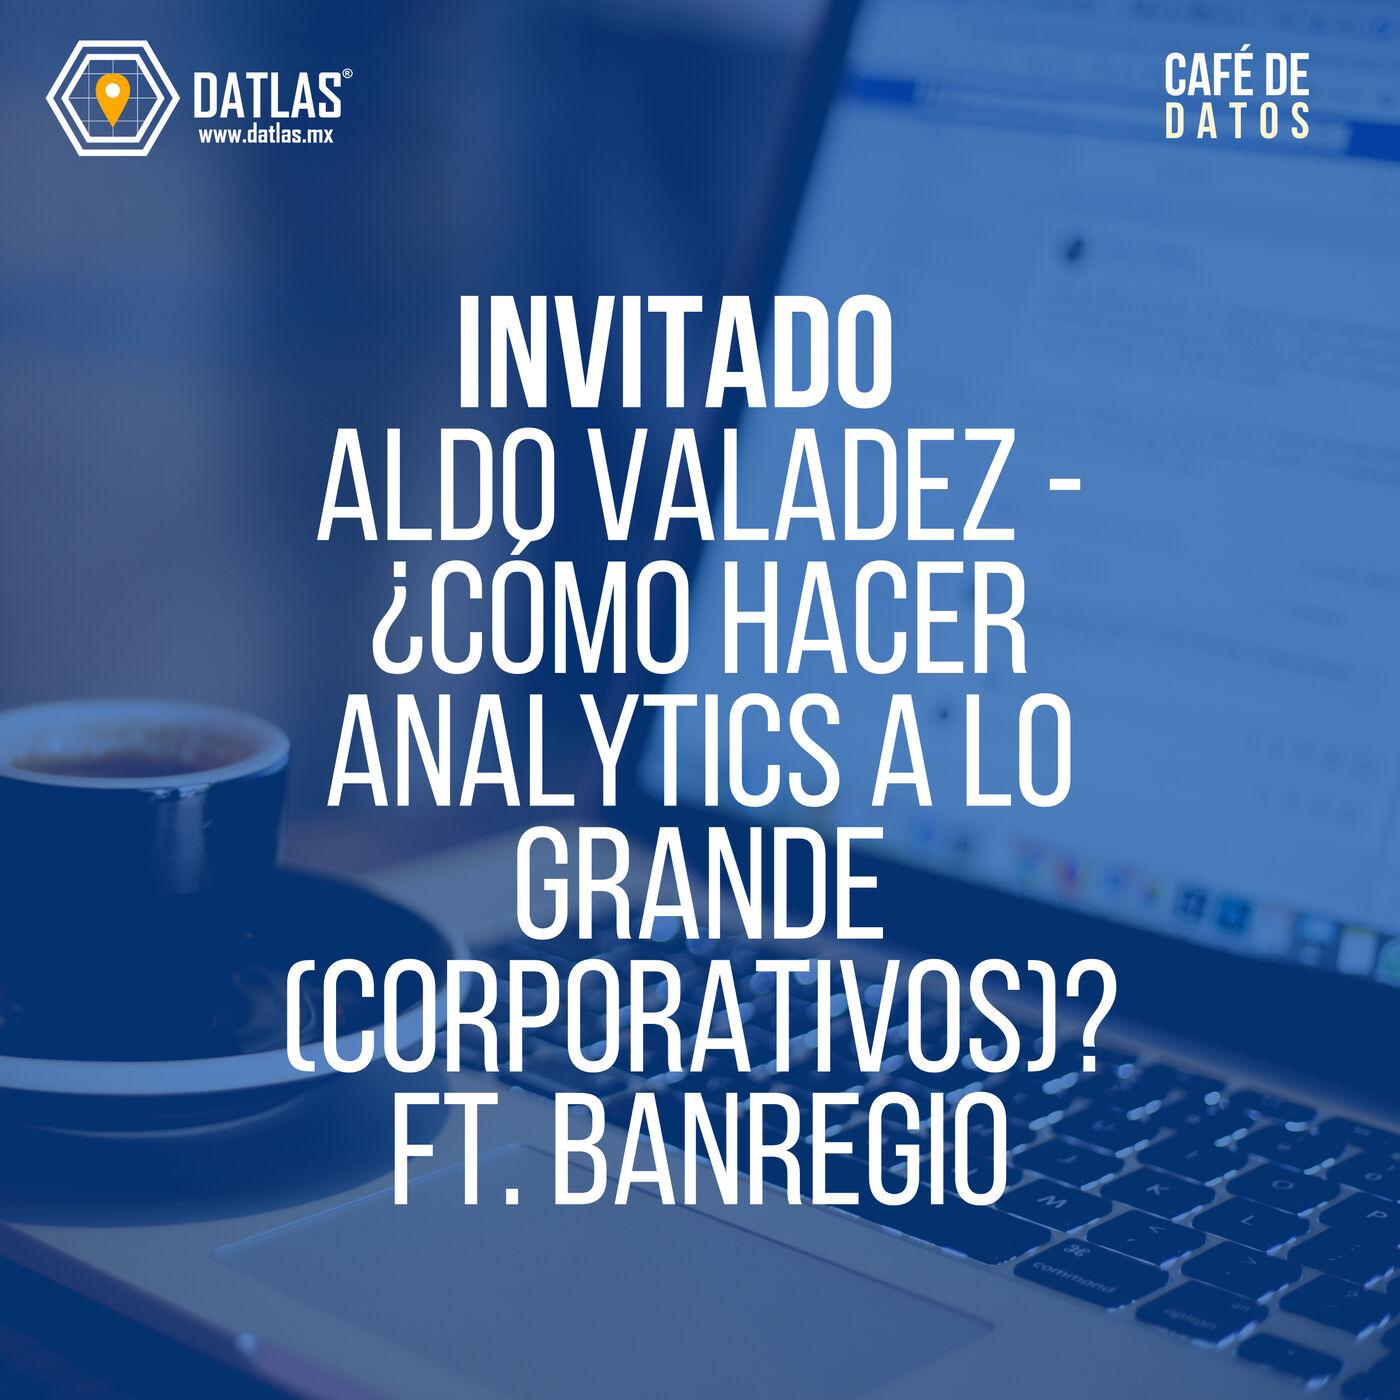 04. Invitado: Aldo Valadez - ¿Cómo hacer analytics a lo grande (en Corporativos)? (ft. BANREGIO)